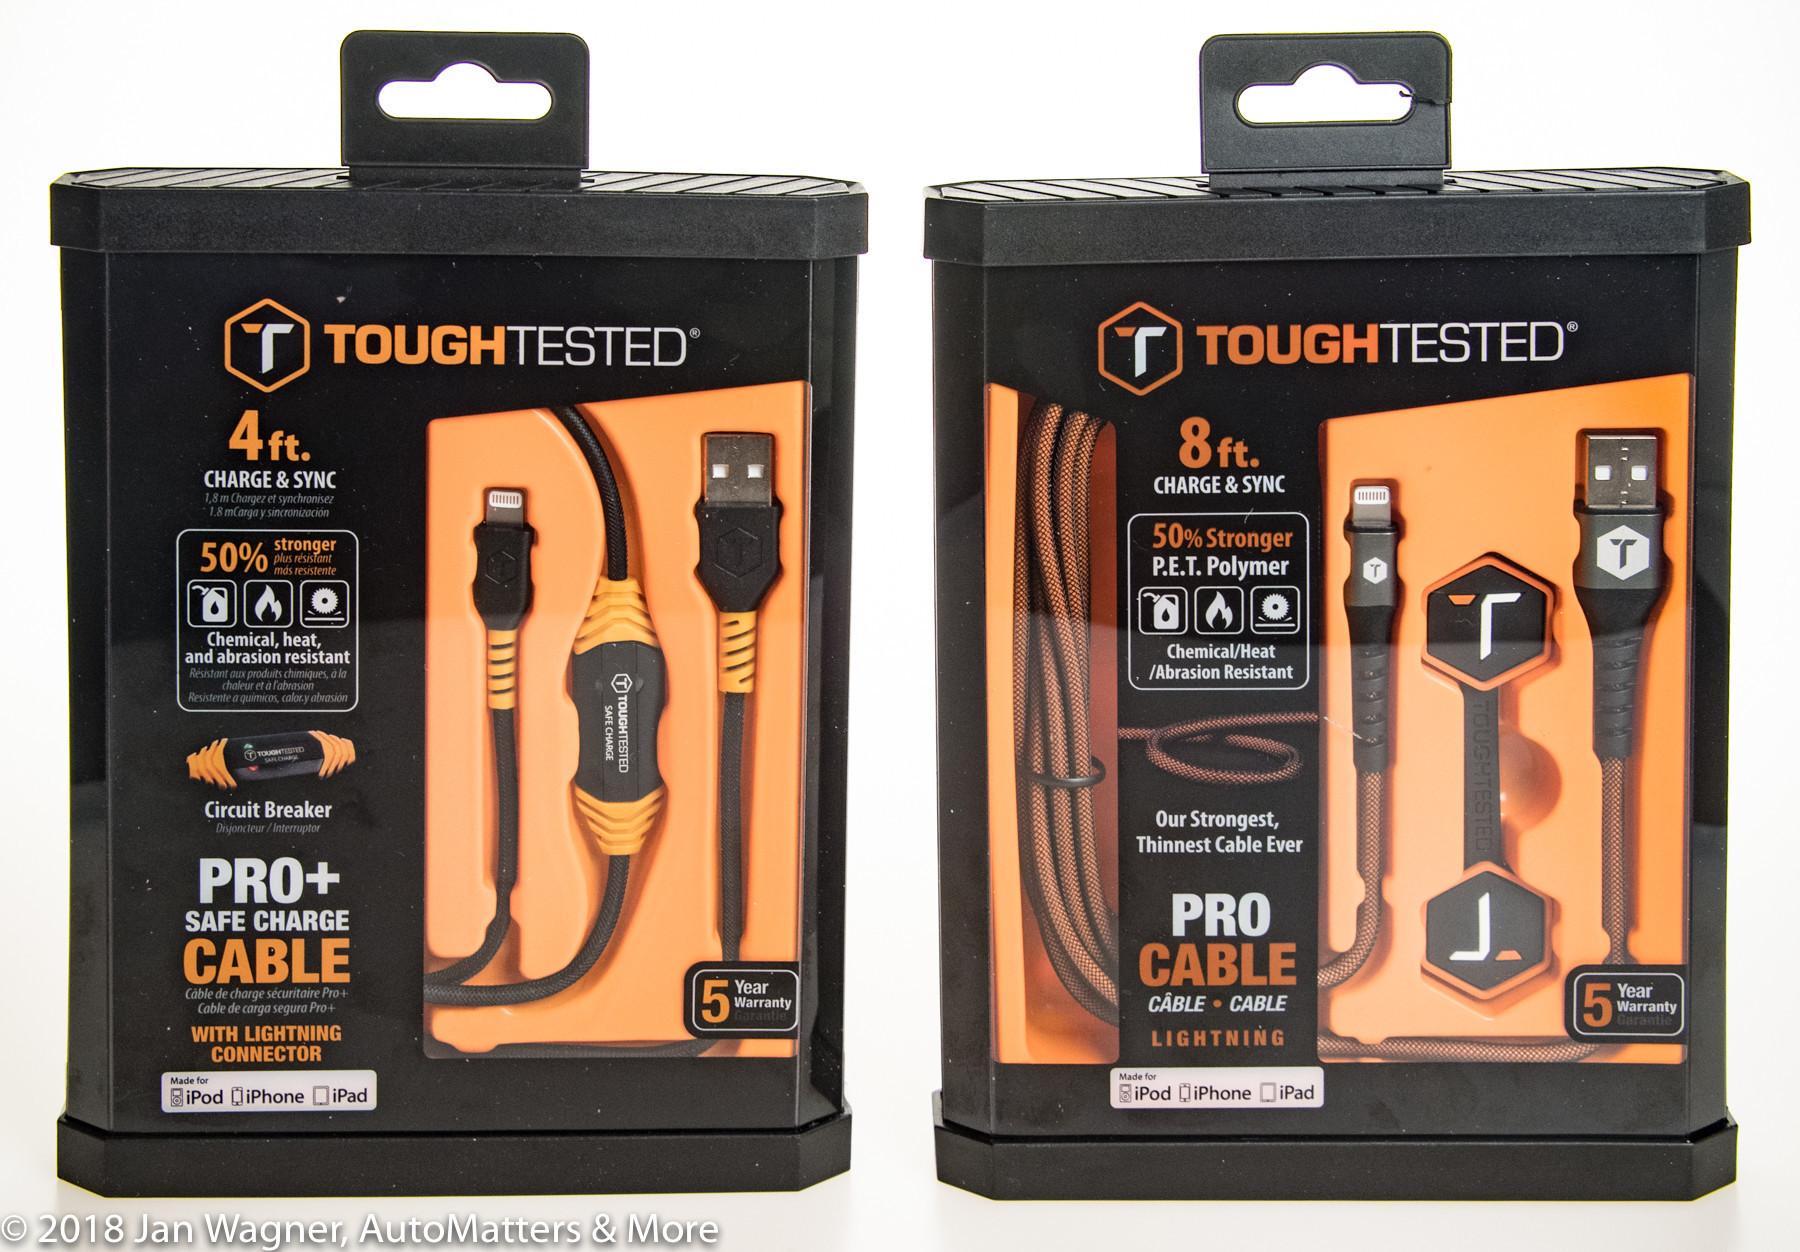 Tough cables